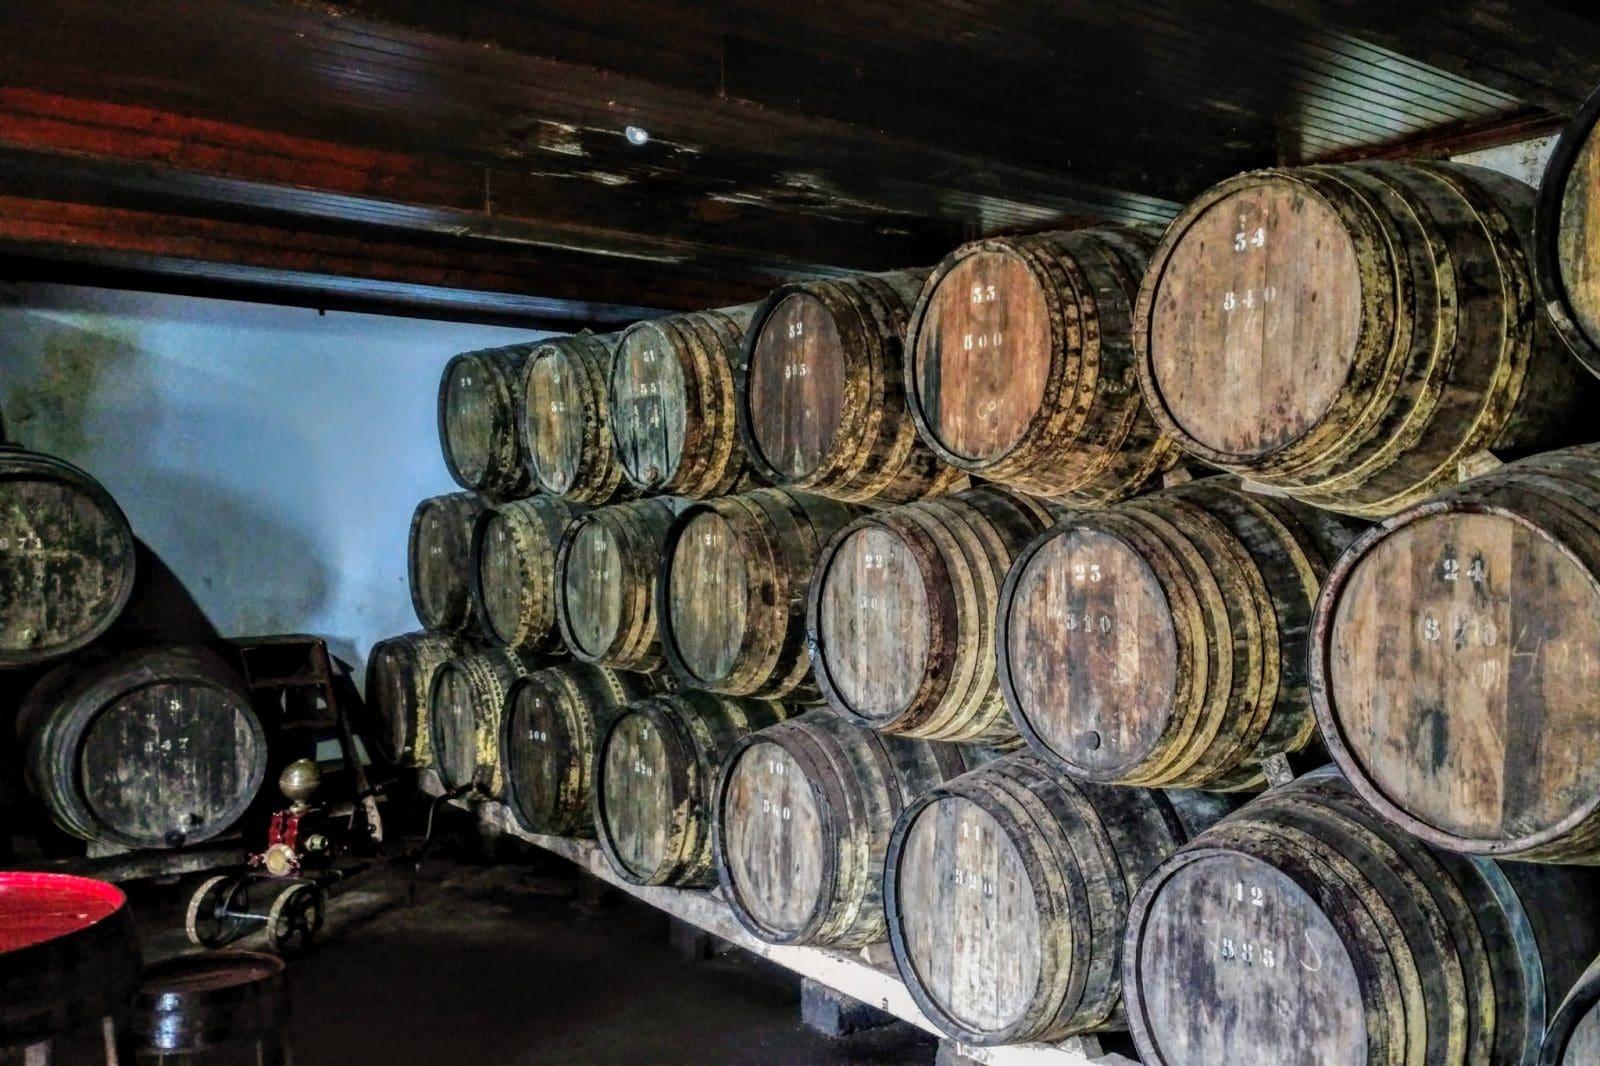 Бочки с вином (фото: Carl Brinker)